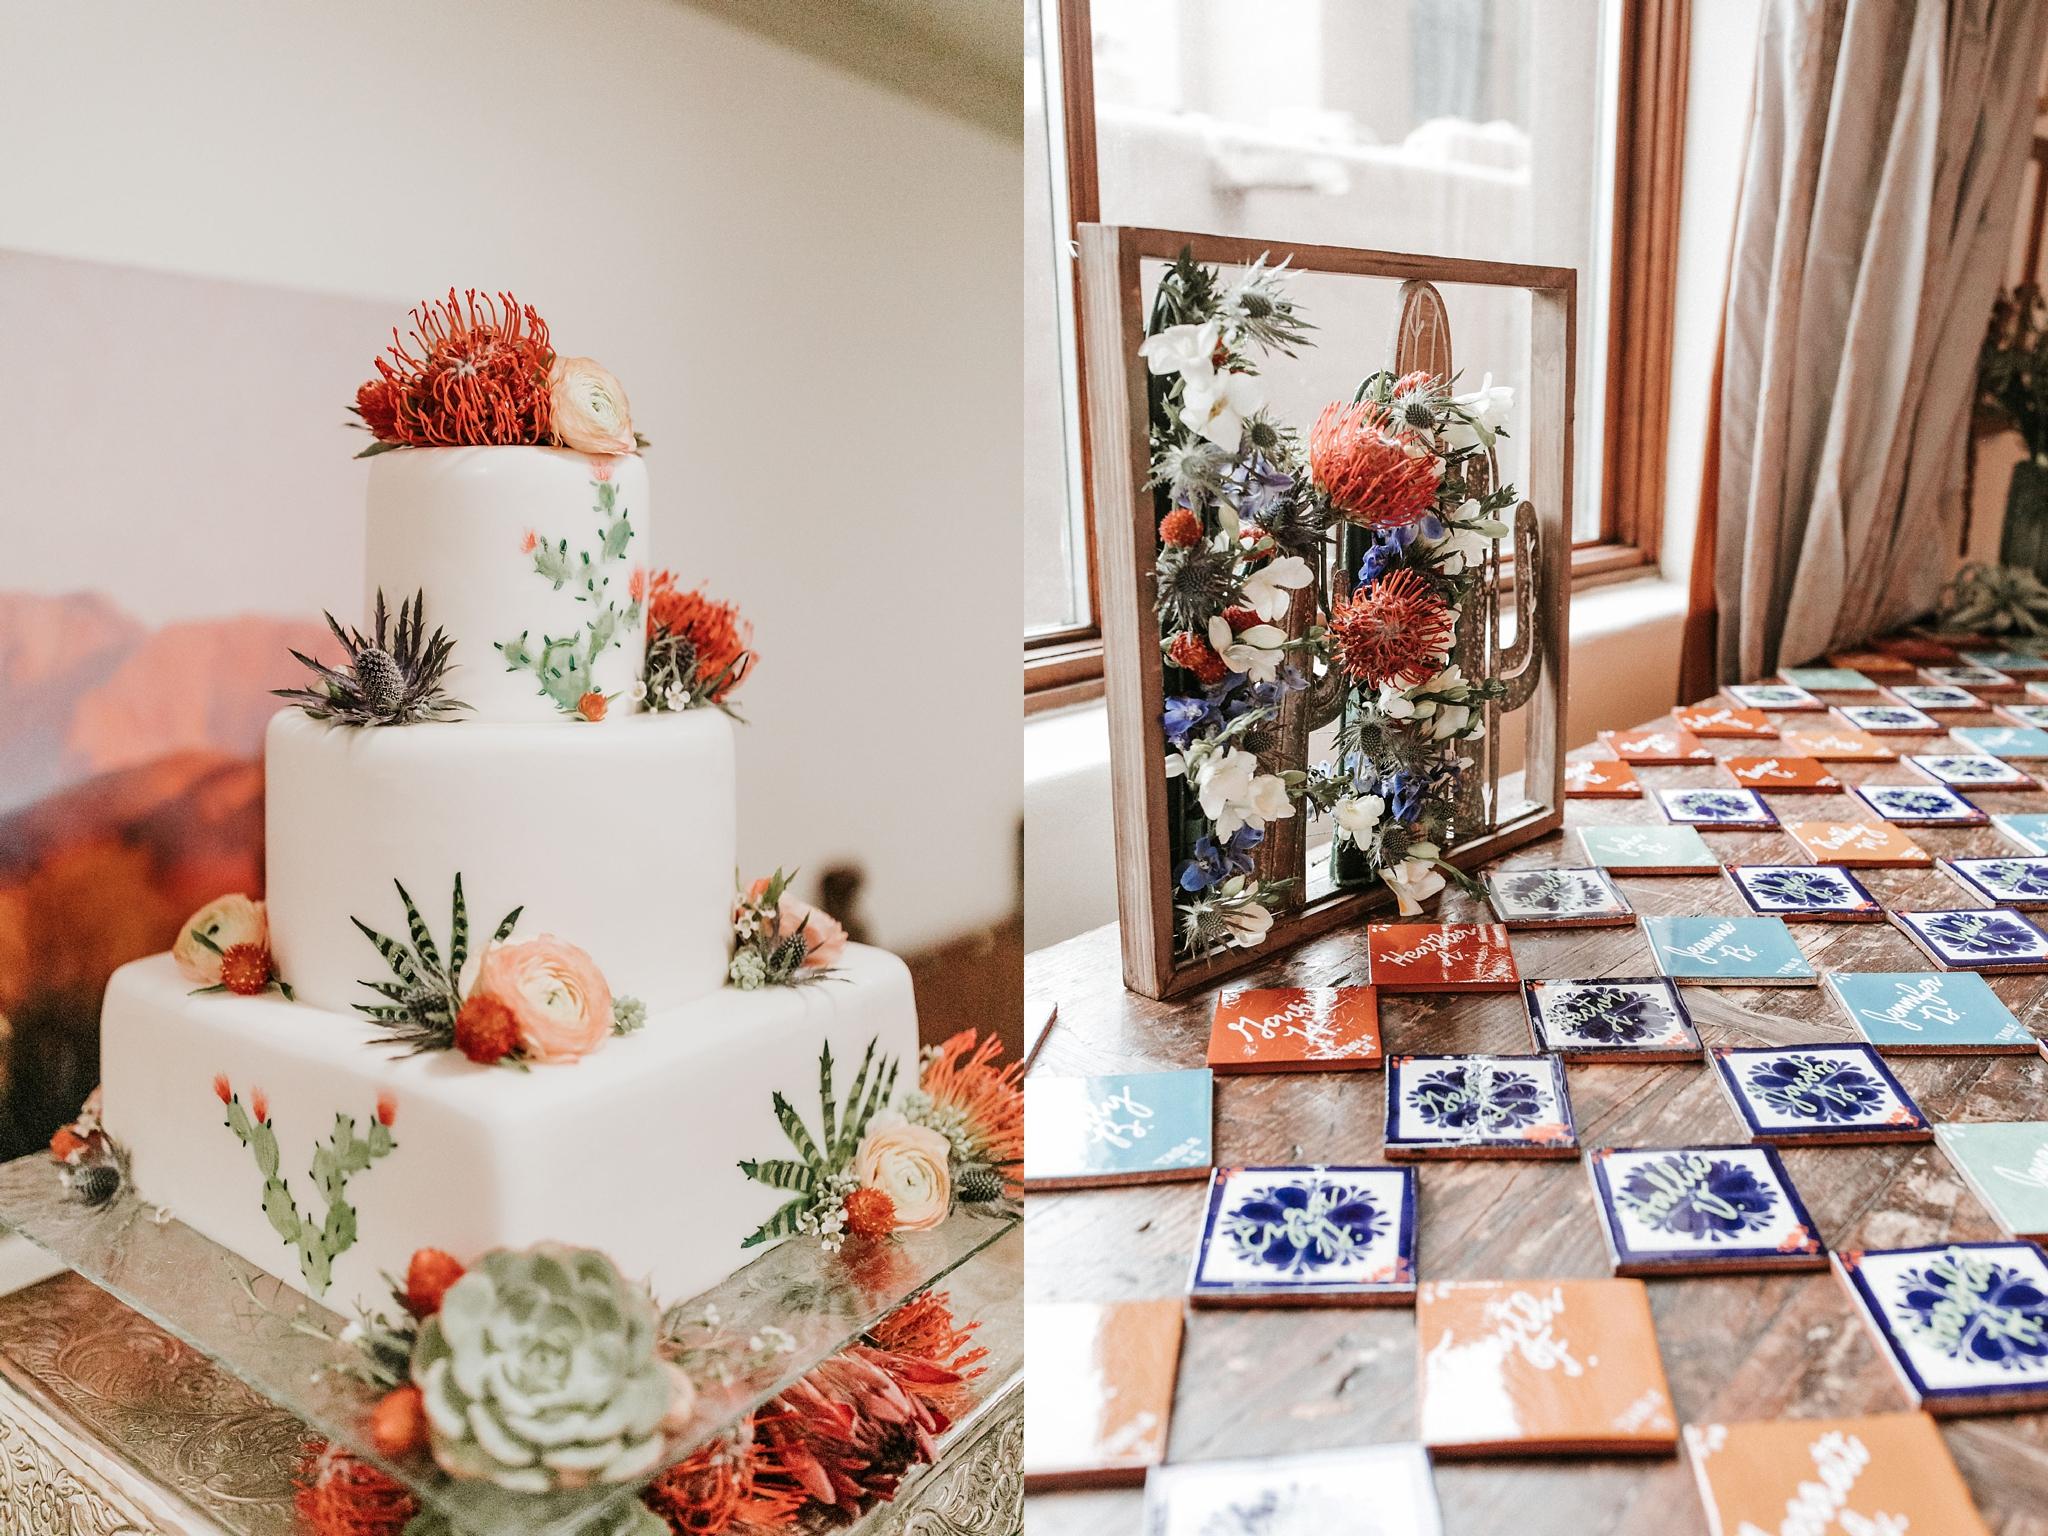 Alicia+lucia+photography+-+albuquerque+wedding+photographer+-+santa+fe+wedding+photography+-+new+mexico+wedding+photographer+-+new+mexico+wedding+-+wedding+photographer+-+wedding+photographer+team_0019.jpg